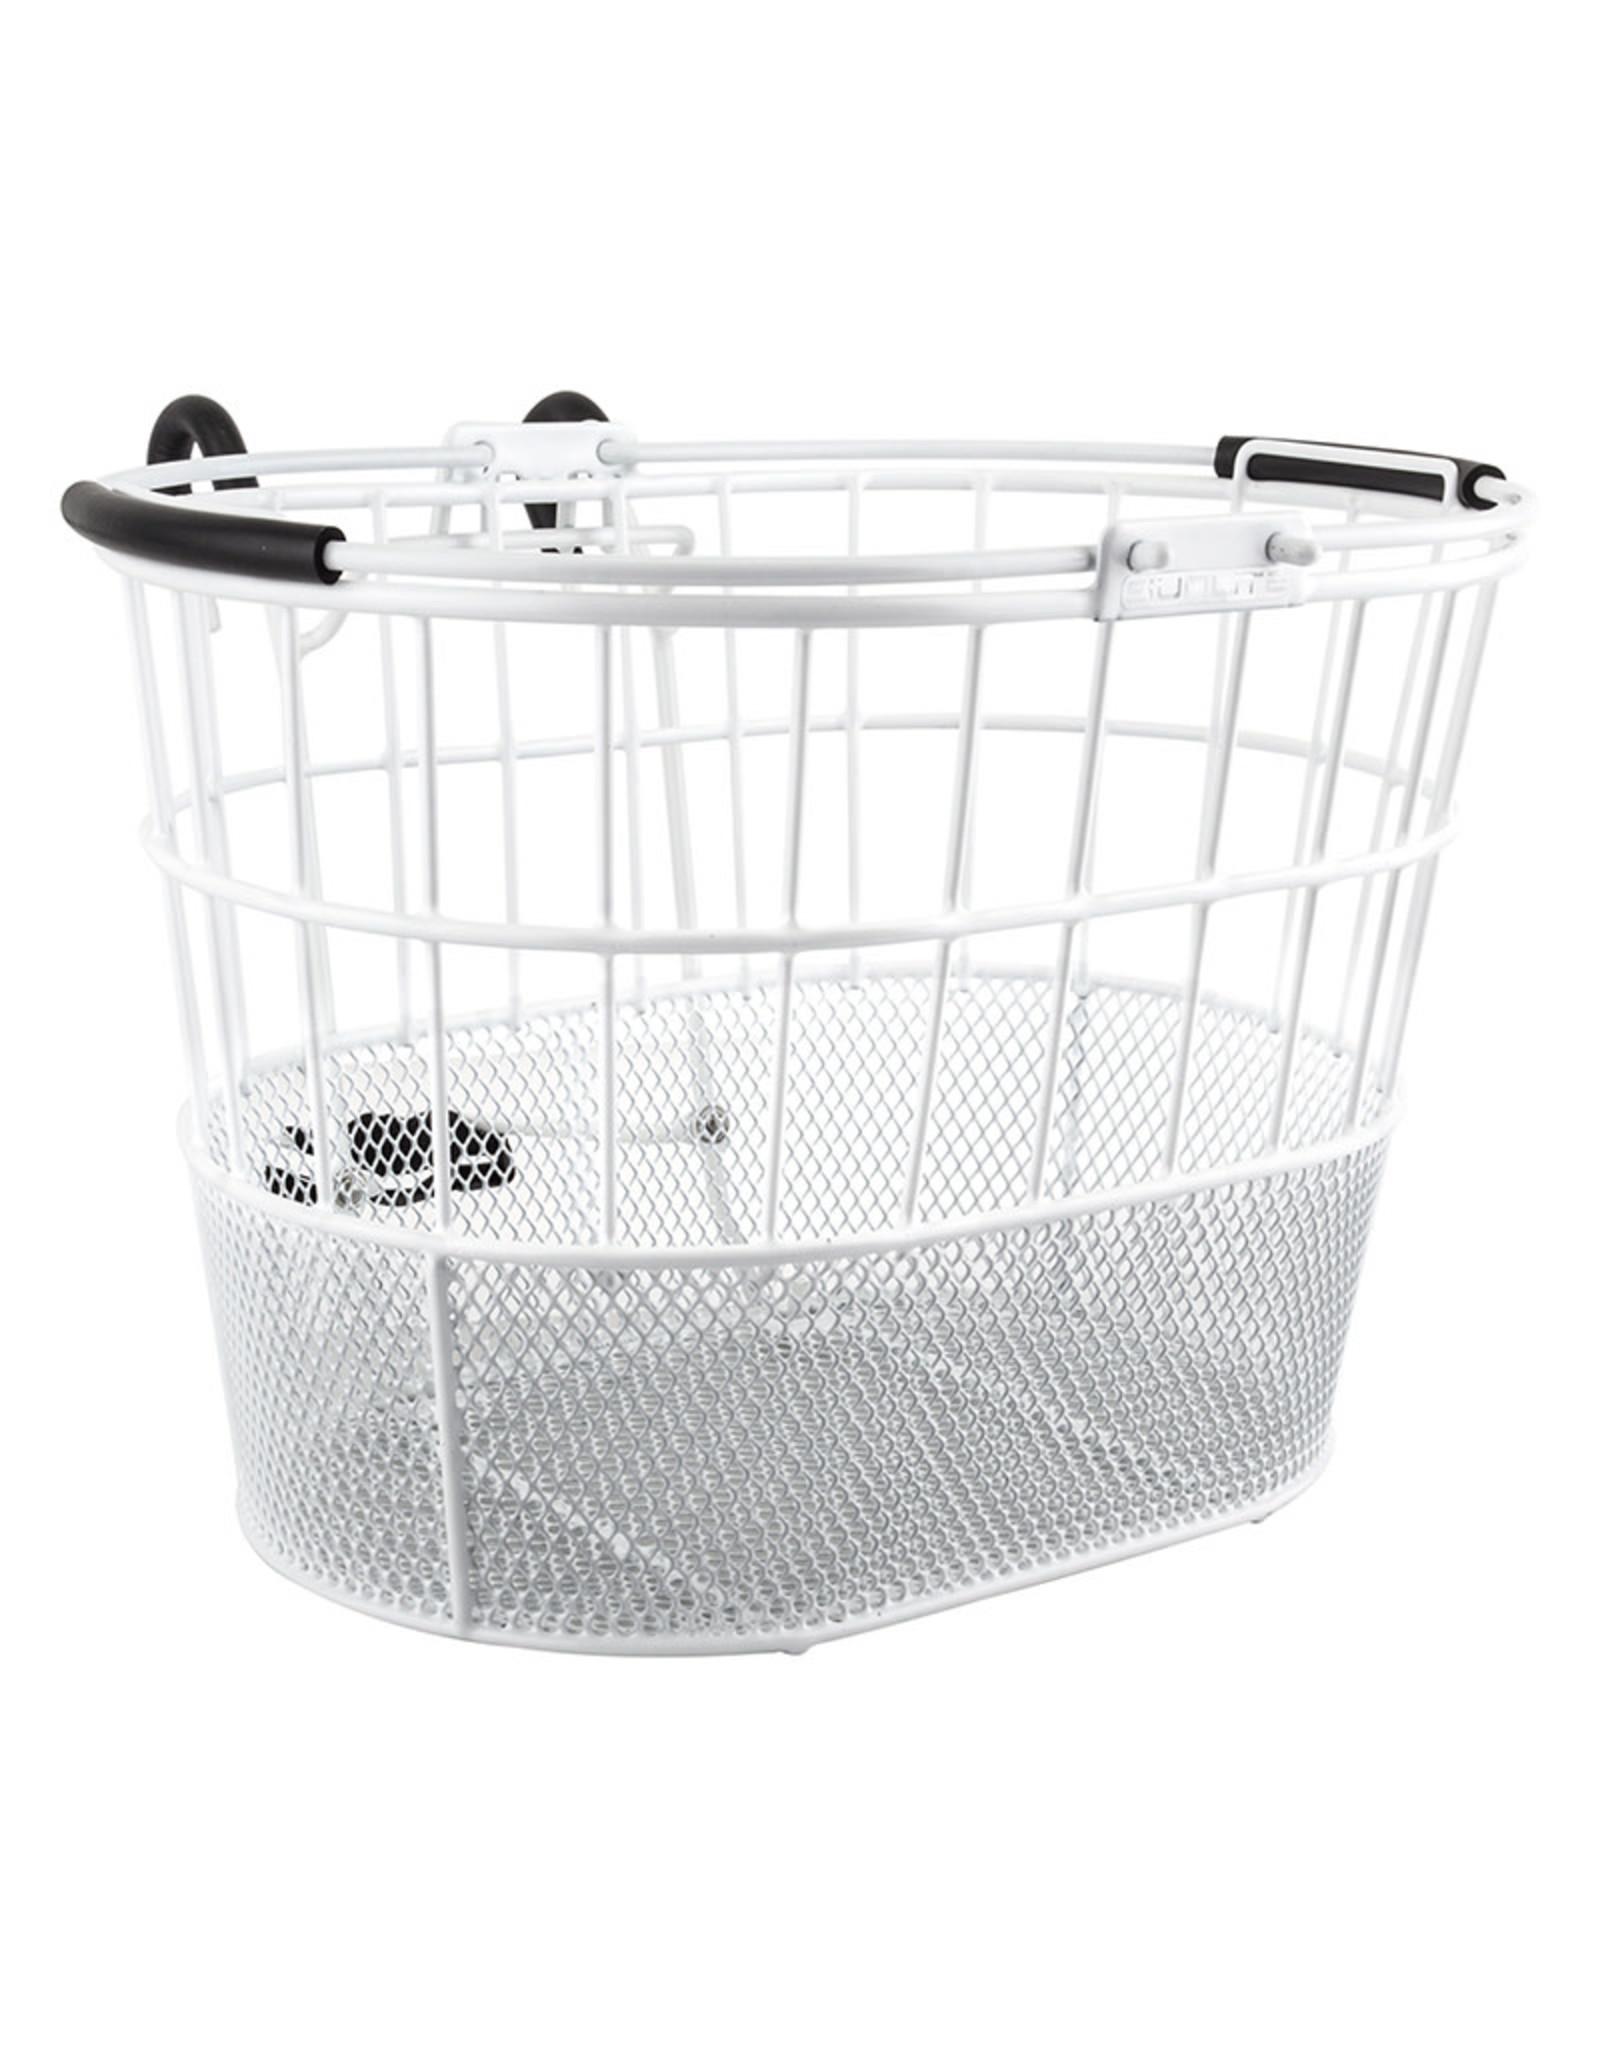 SUNLITE Basket Sunlite  Wire, Mesh Bottom, Oval, Lift-Off, Bracket, White